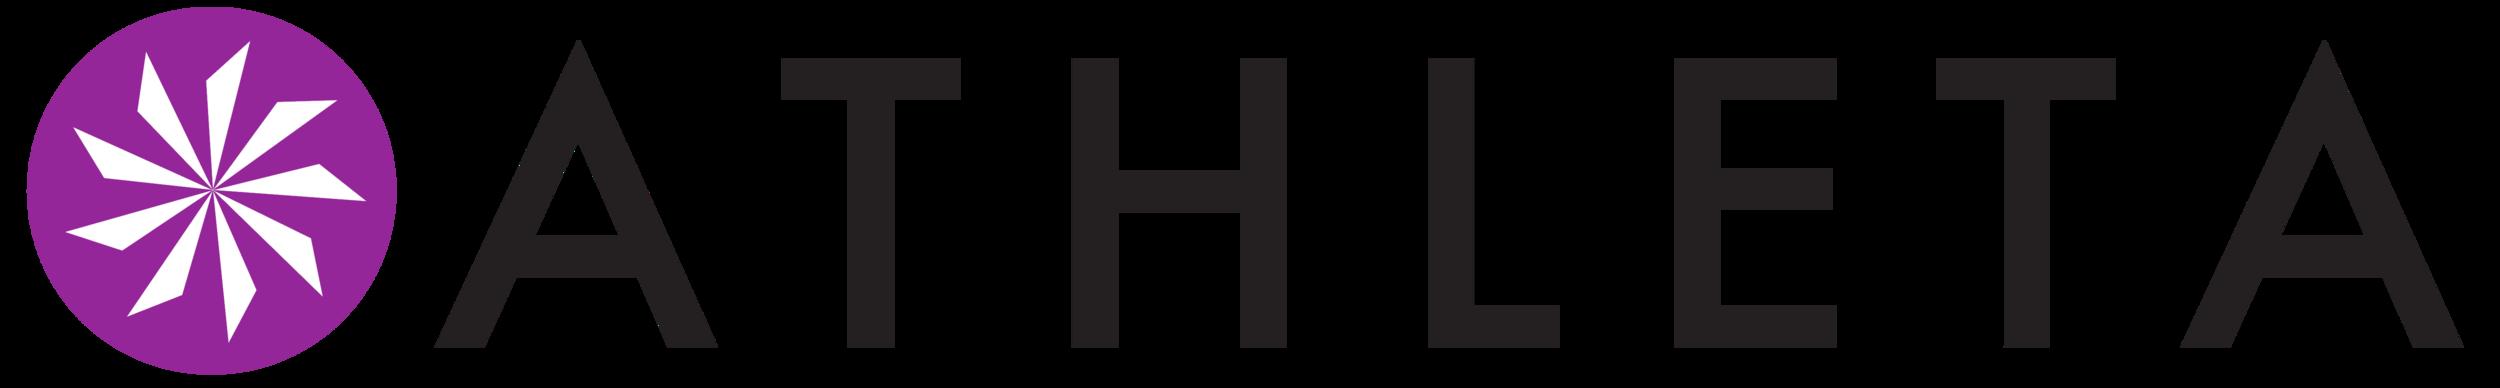 Athleta_logo_logotype.jpg